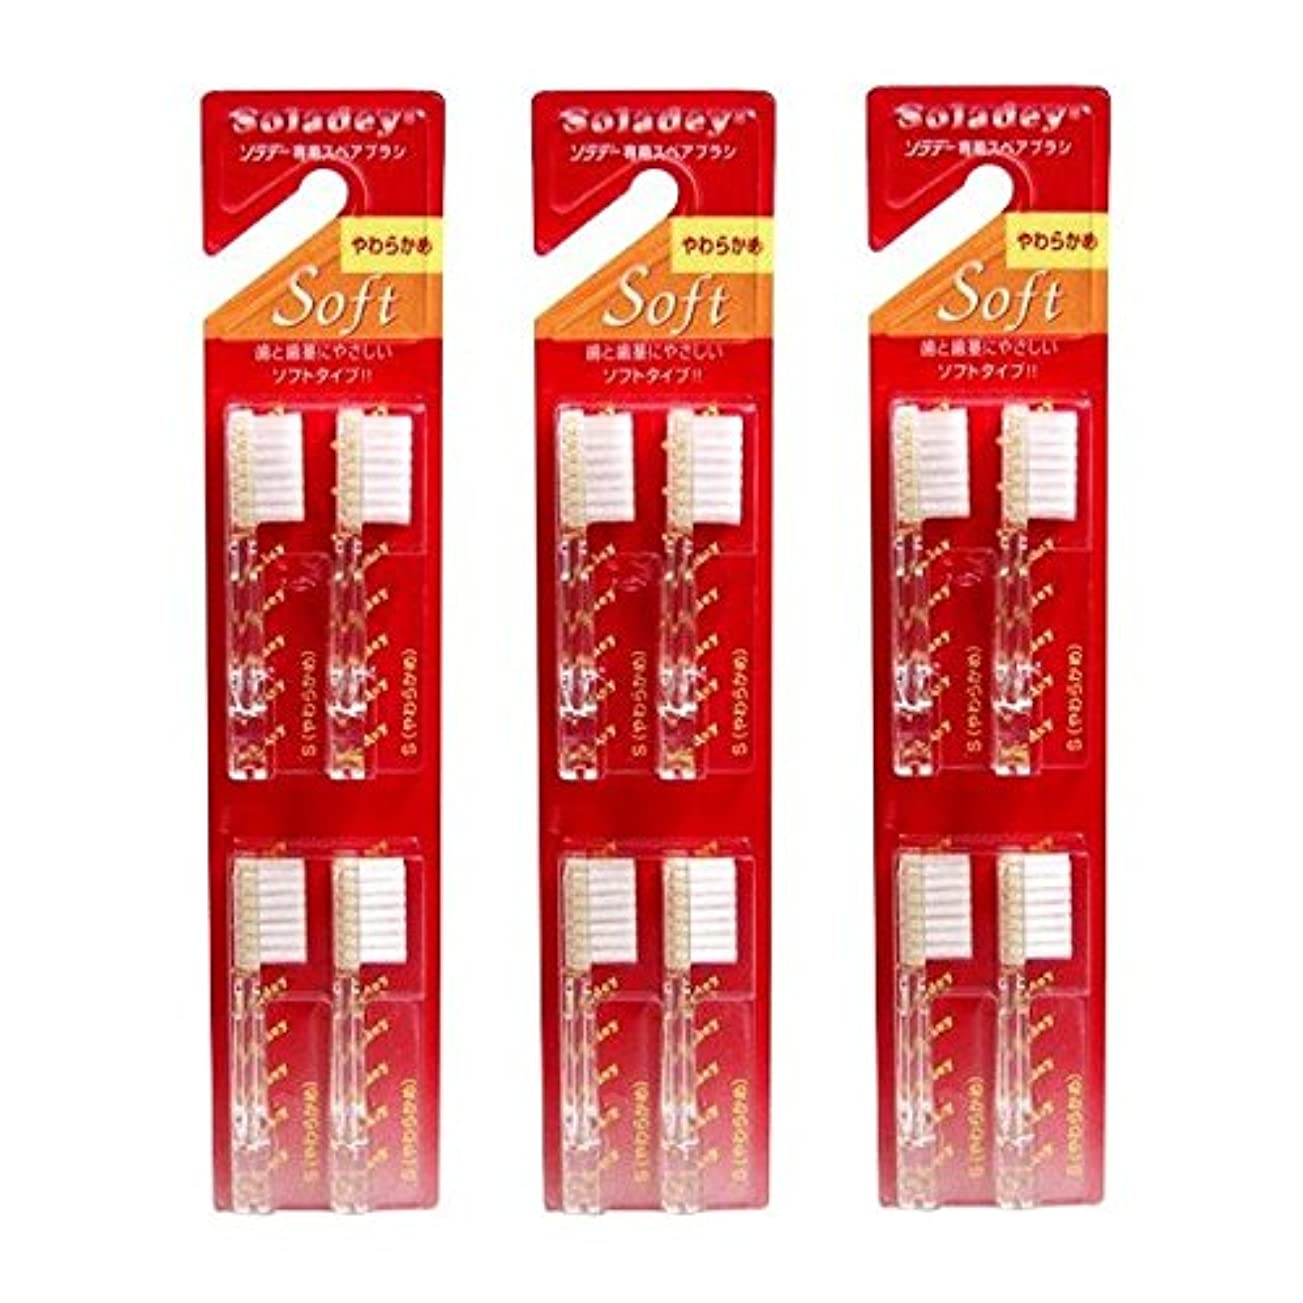 勤勉なマッサージ家庭教師ソラデー 専用スペアブラシ 4本入 S(やわらかめ)  ×3個セット